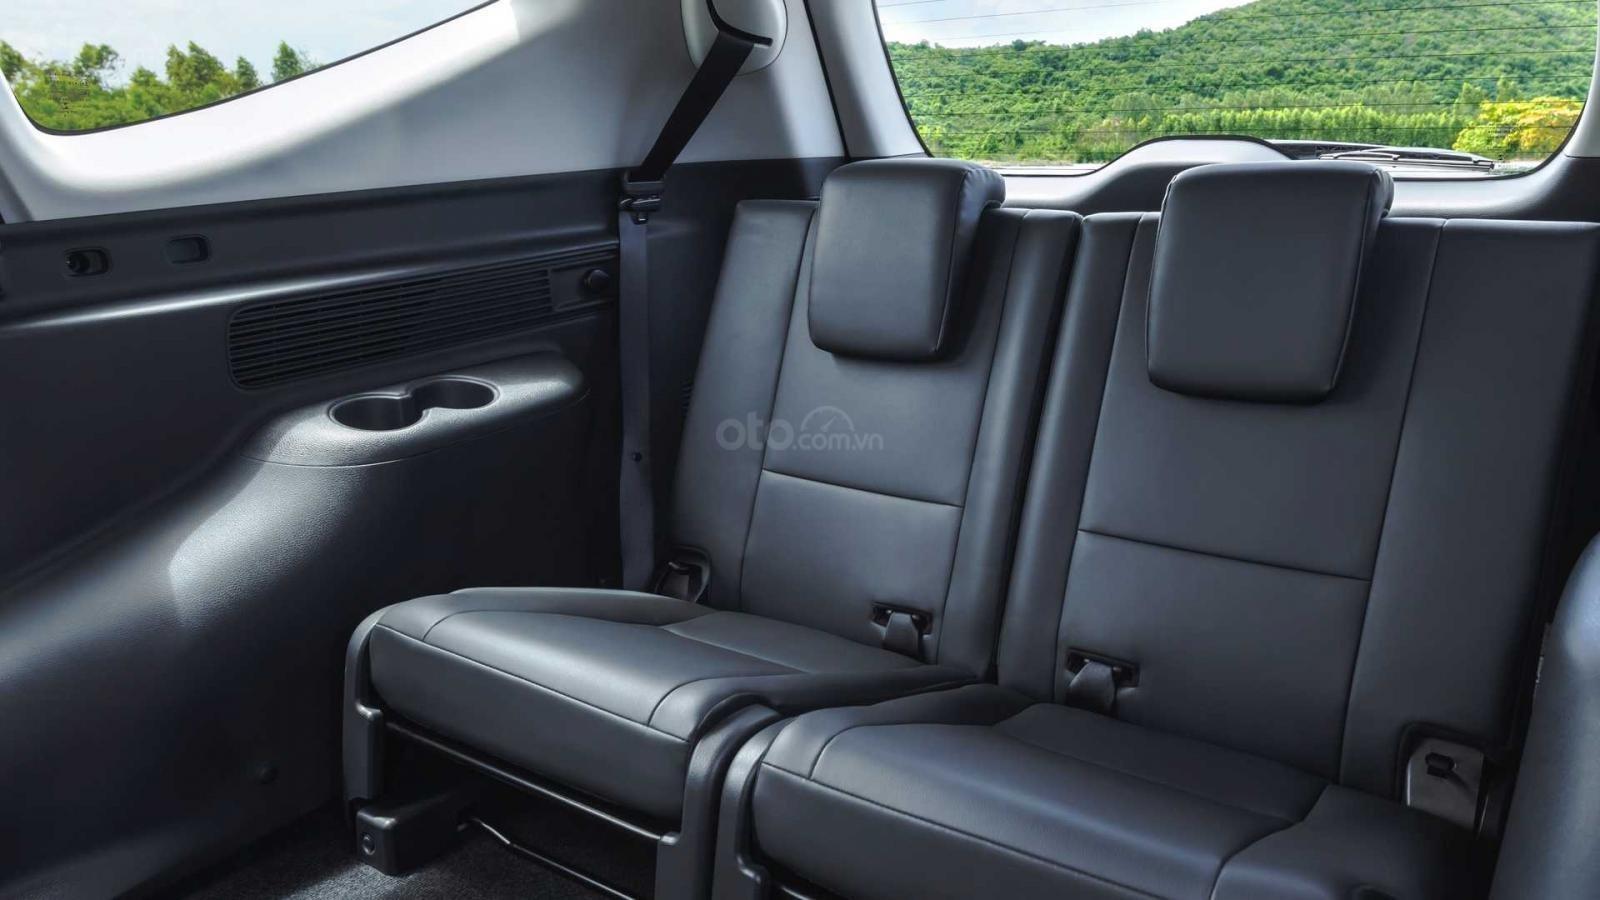 Đánh giá xe Mitsubishi Pajero Sport 2020: